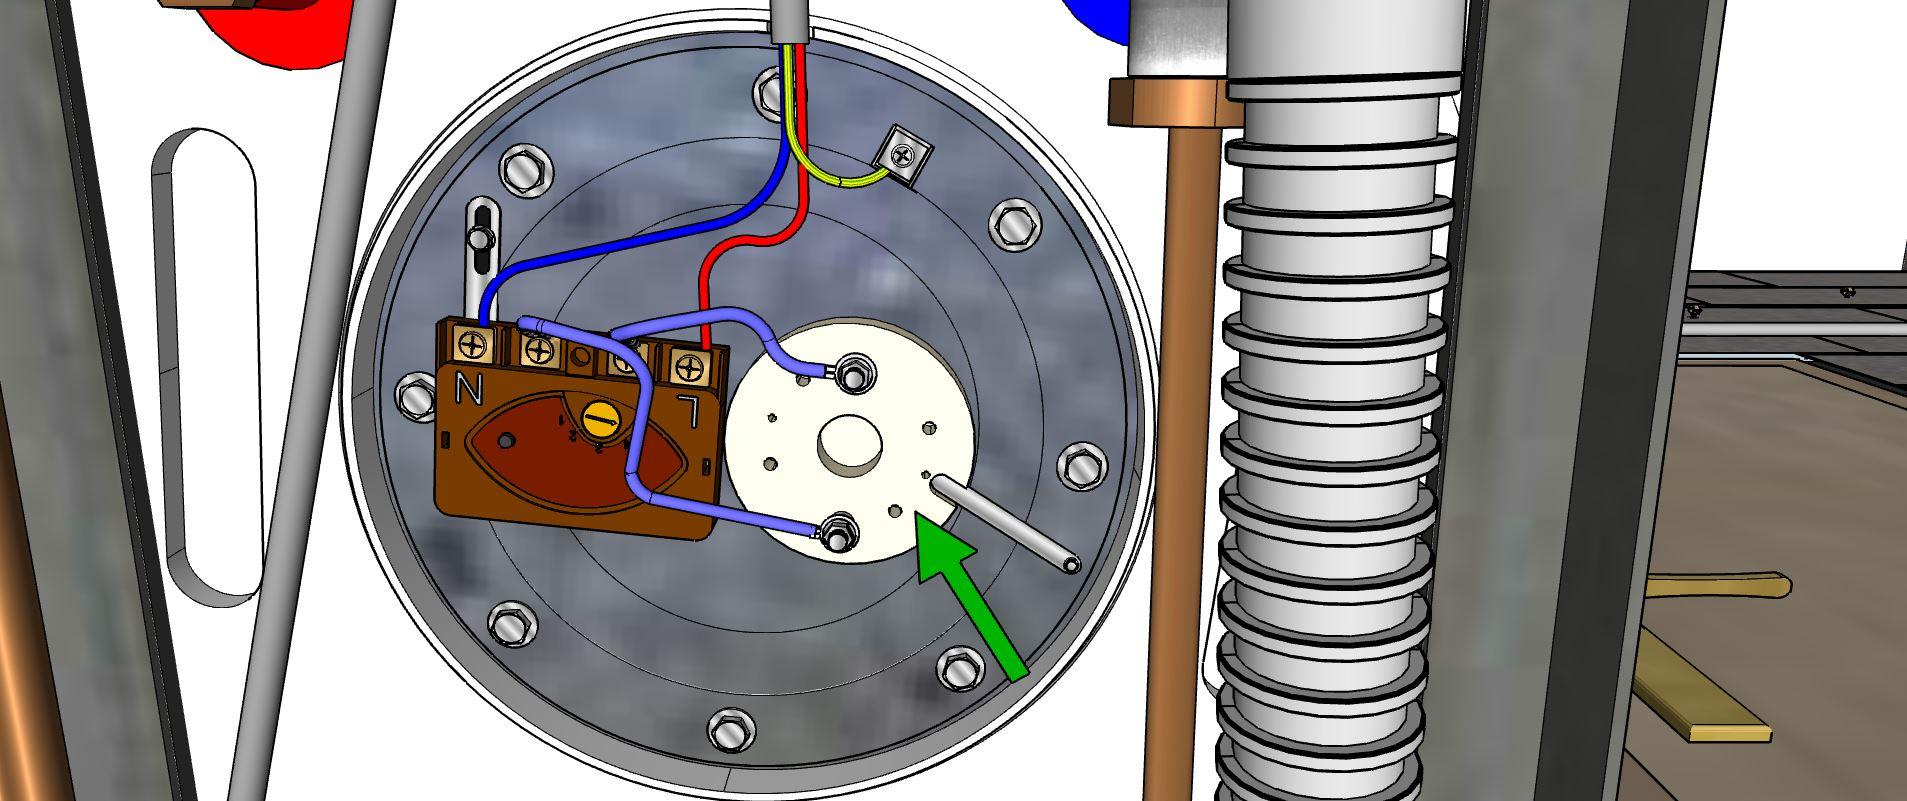 Résistance du chauffe-eau électrique